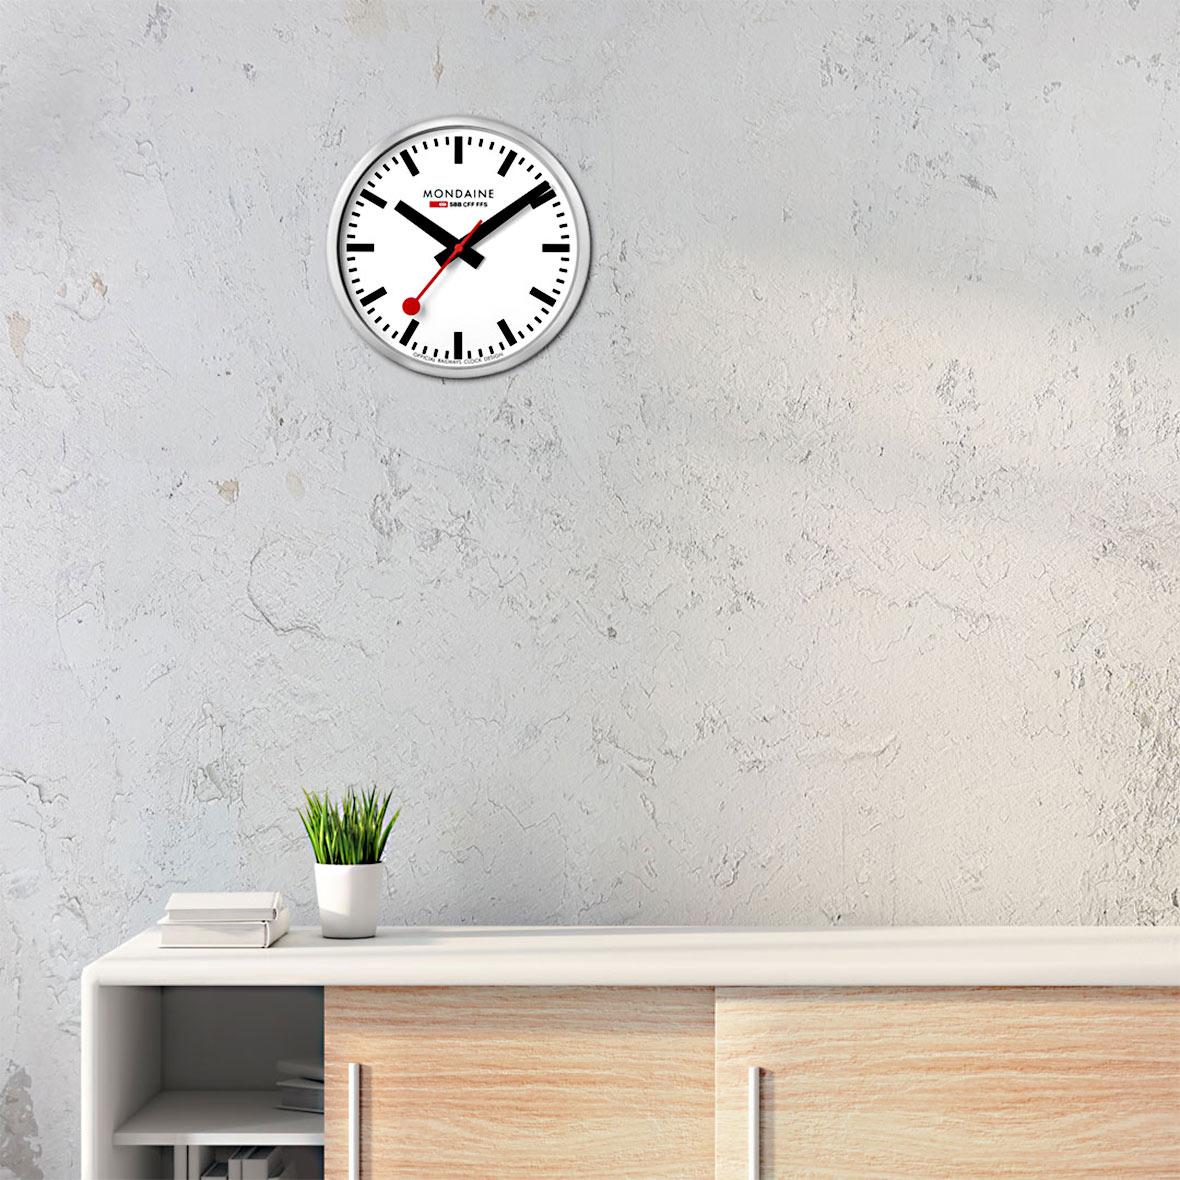 offizielle sbb wanduhr   quarzuhrwerk   stunden /minuten /sekundenanzeige